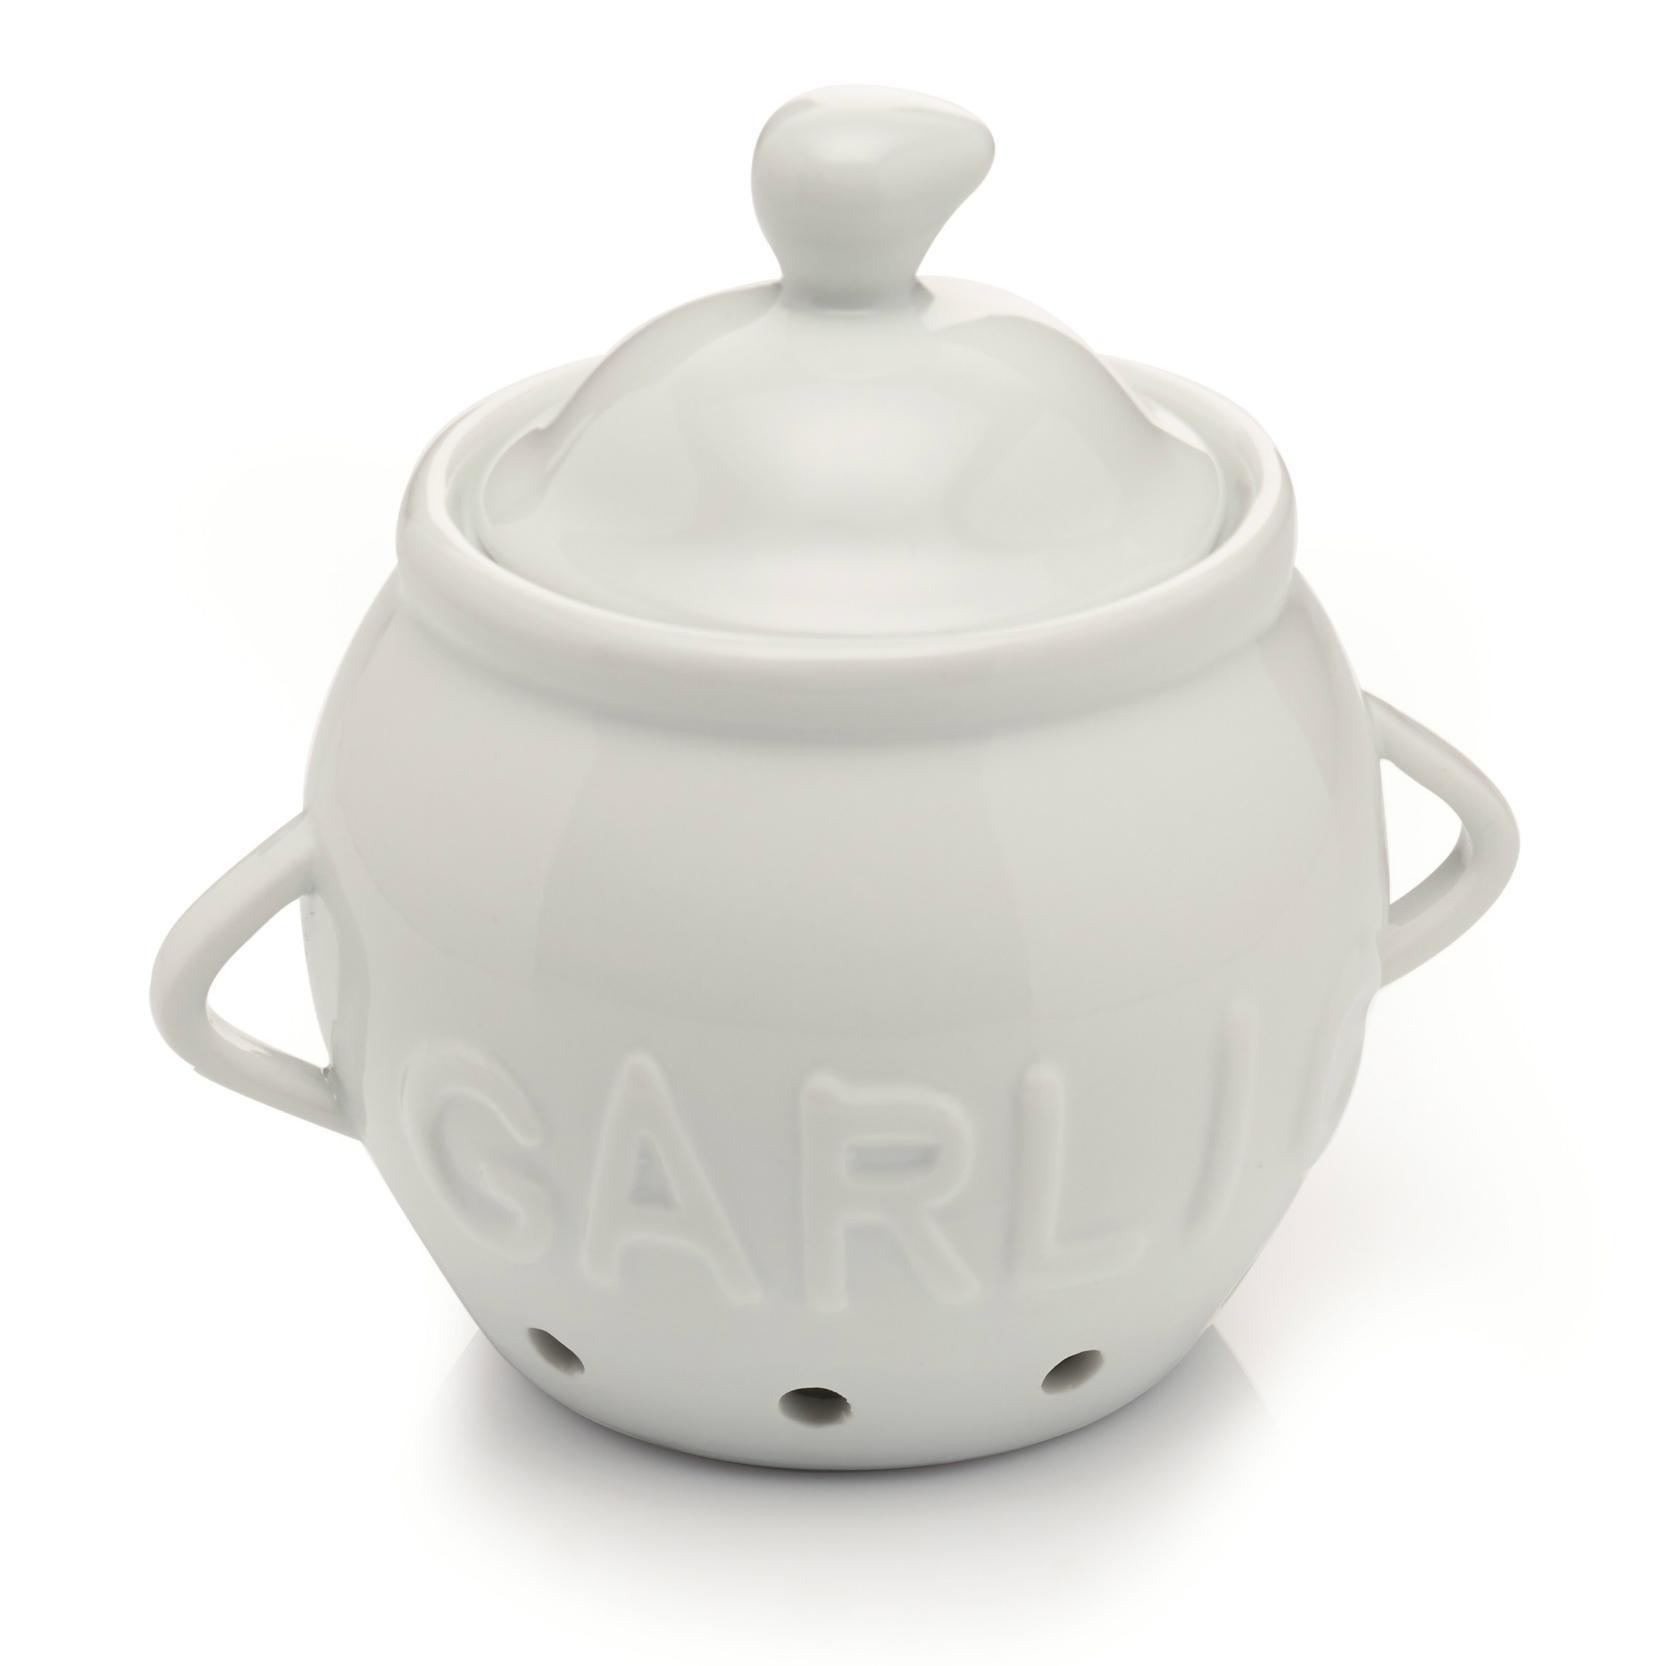 Round Off White Ceramic Garlic Holder Storer Storage Canister Jar Pot Kitchen